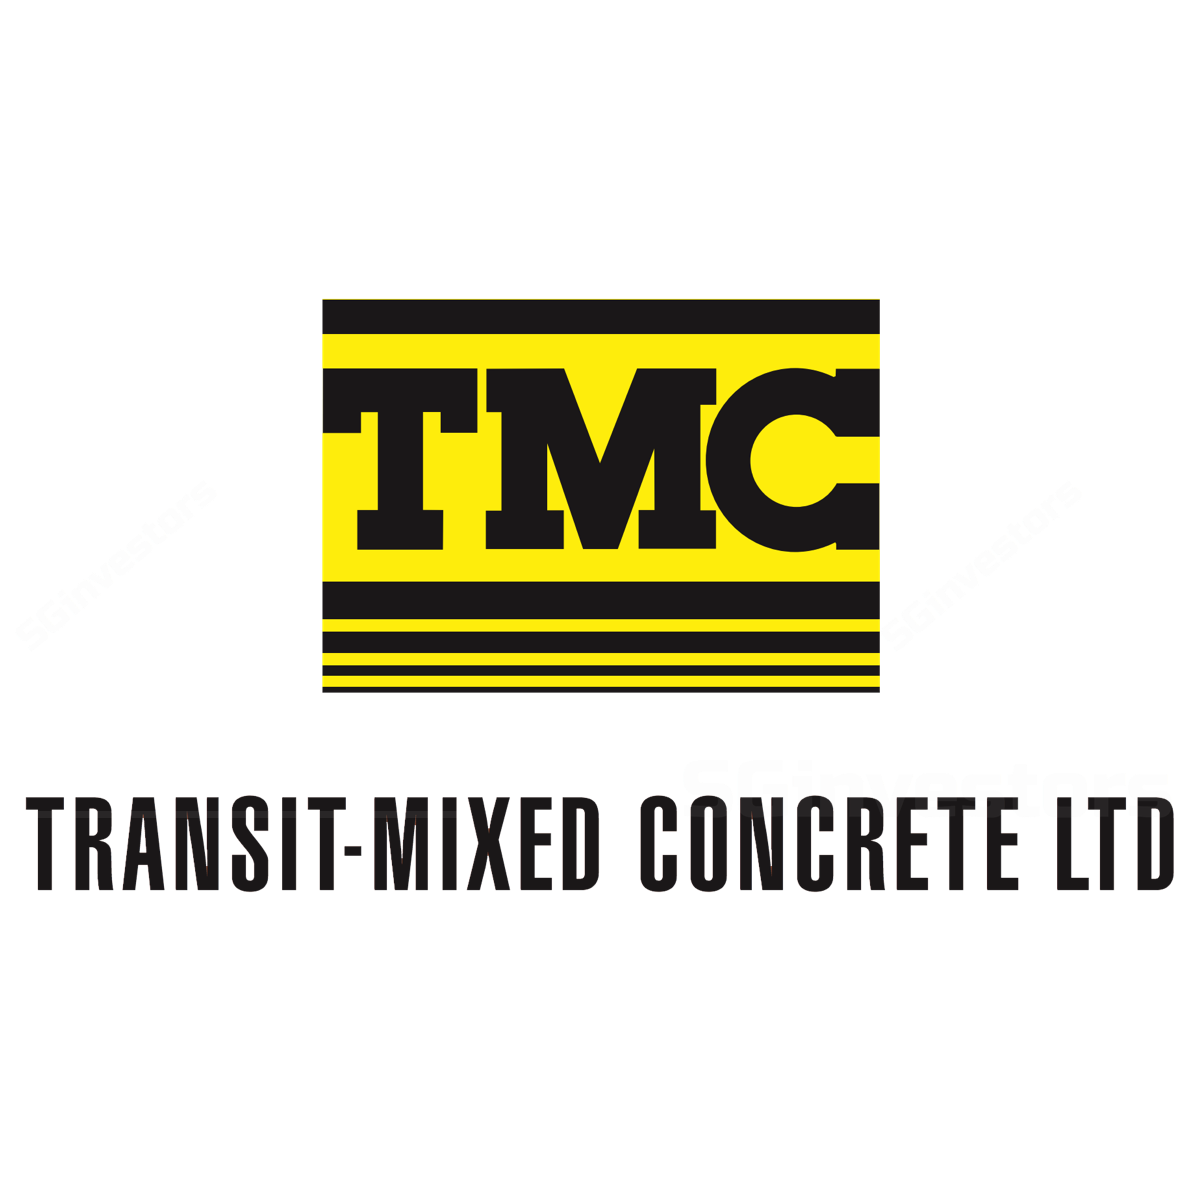 TRANSIT-MIXED CONCRETE LTD (SGX:570) @ SGinvestors.io